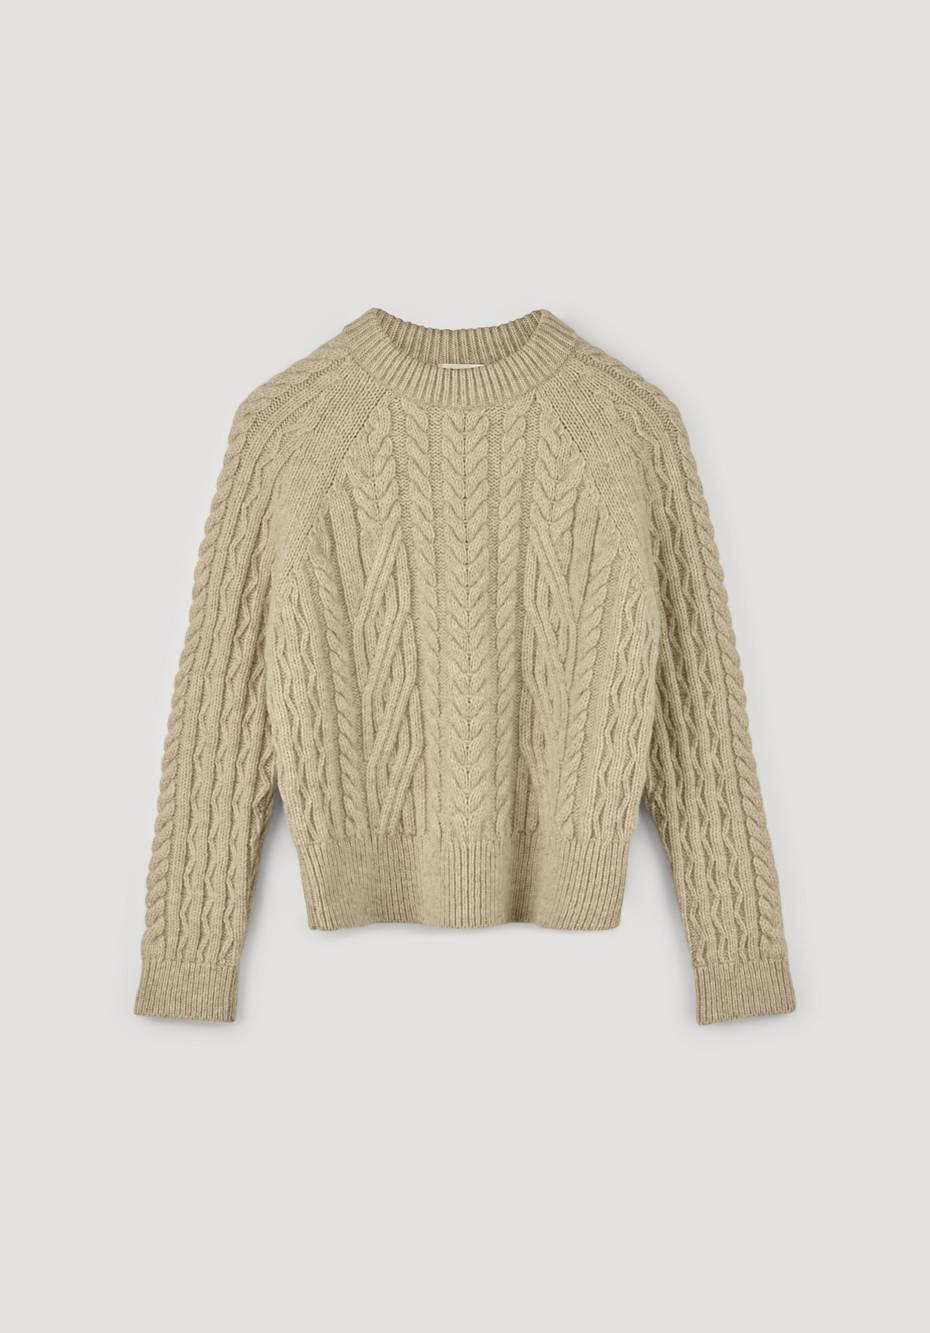 Limited by Nature Pullover aus reiner Mongolen-Merinowolle